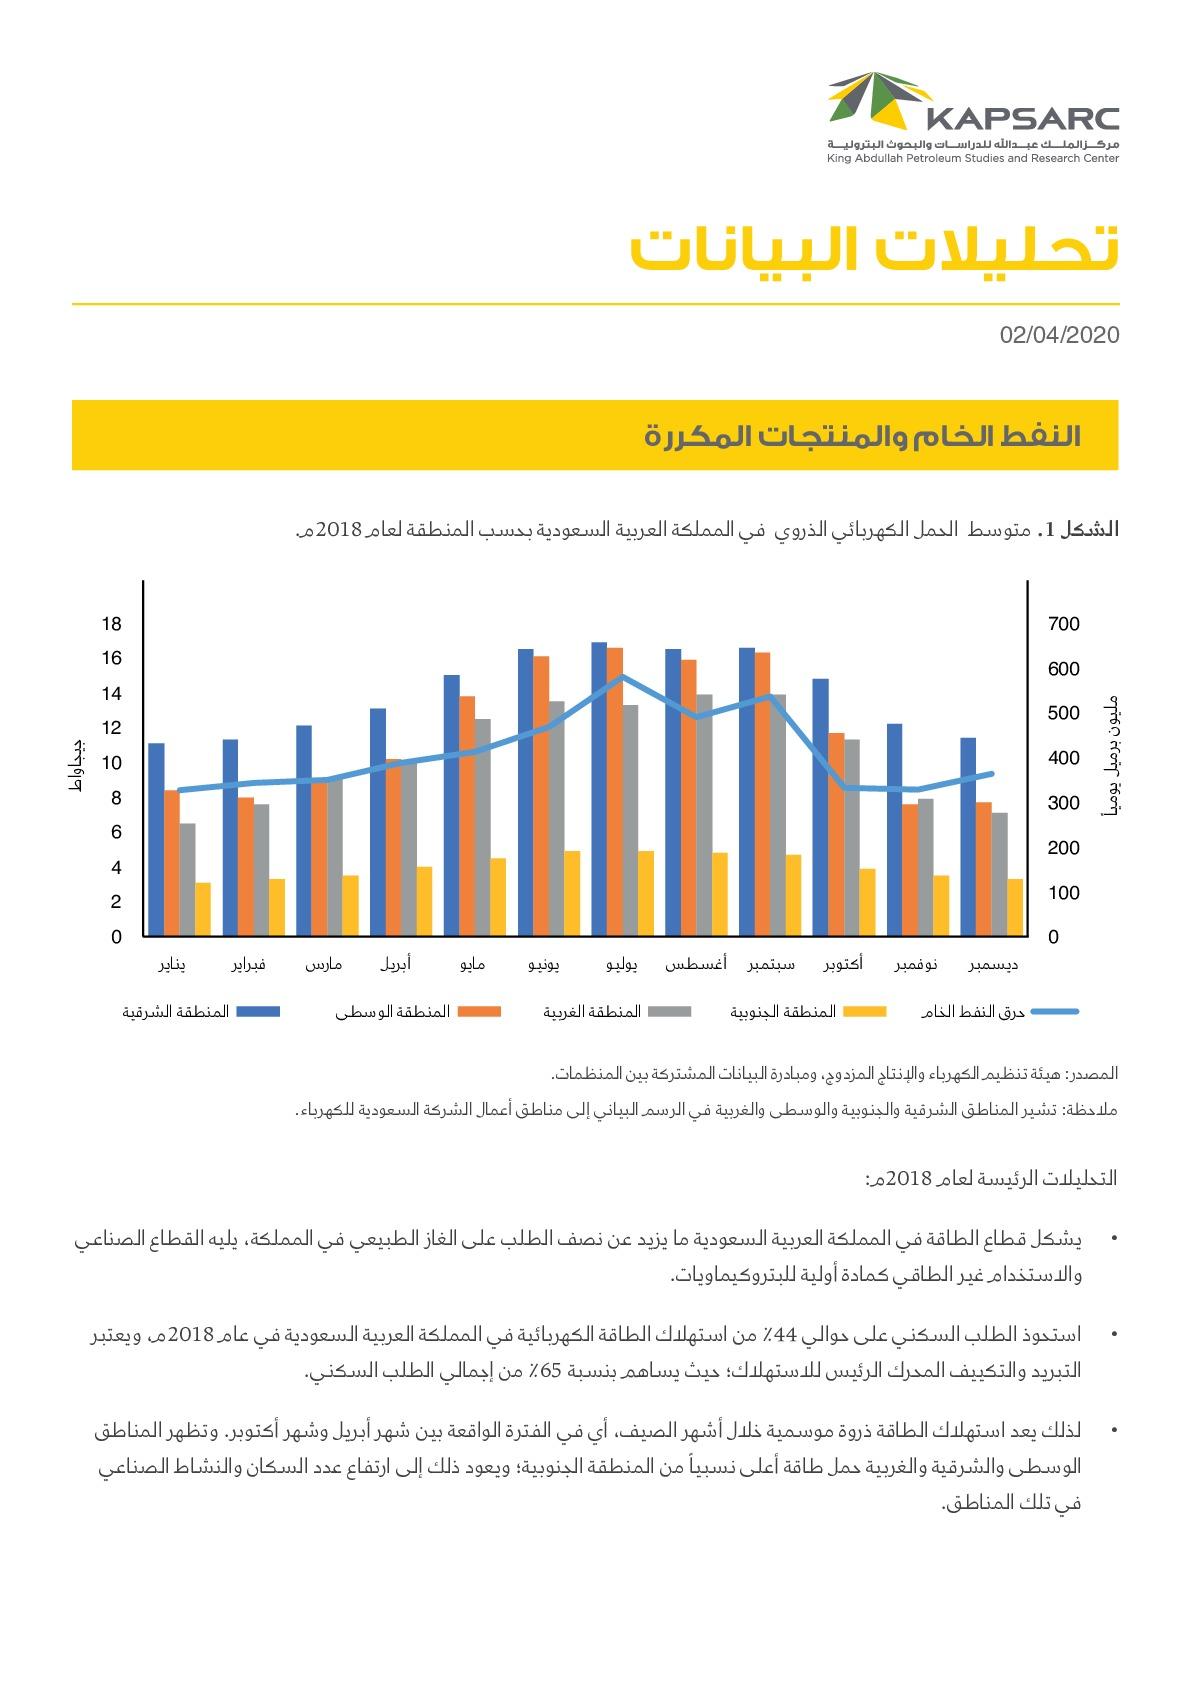 النفط الخام والمنتجات المكررة